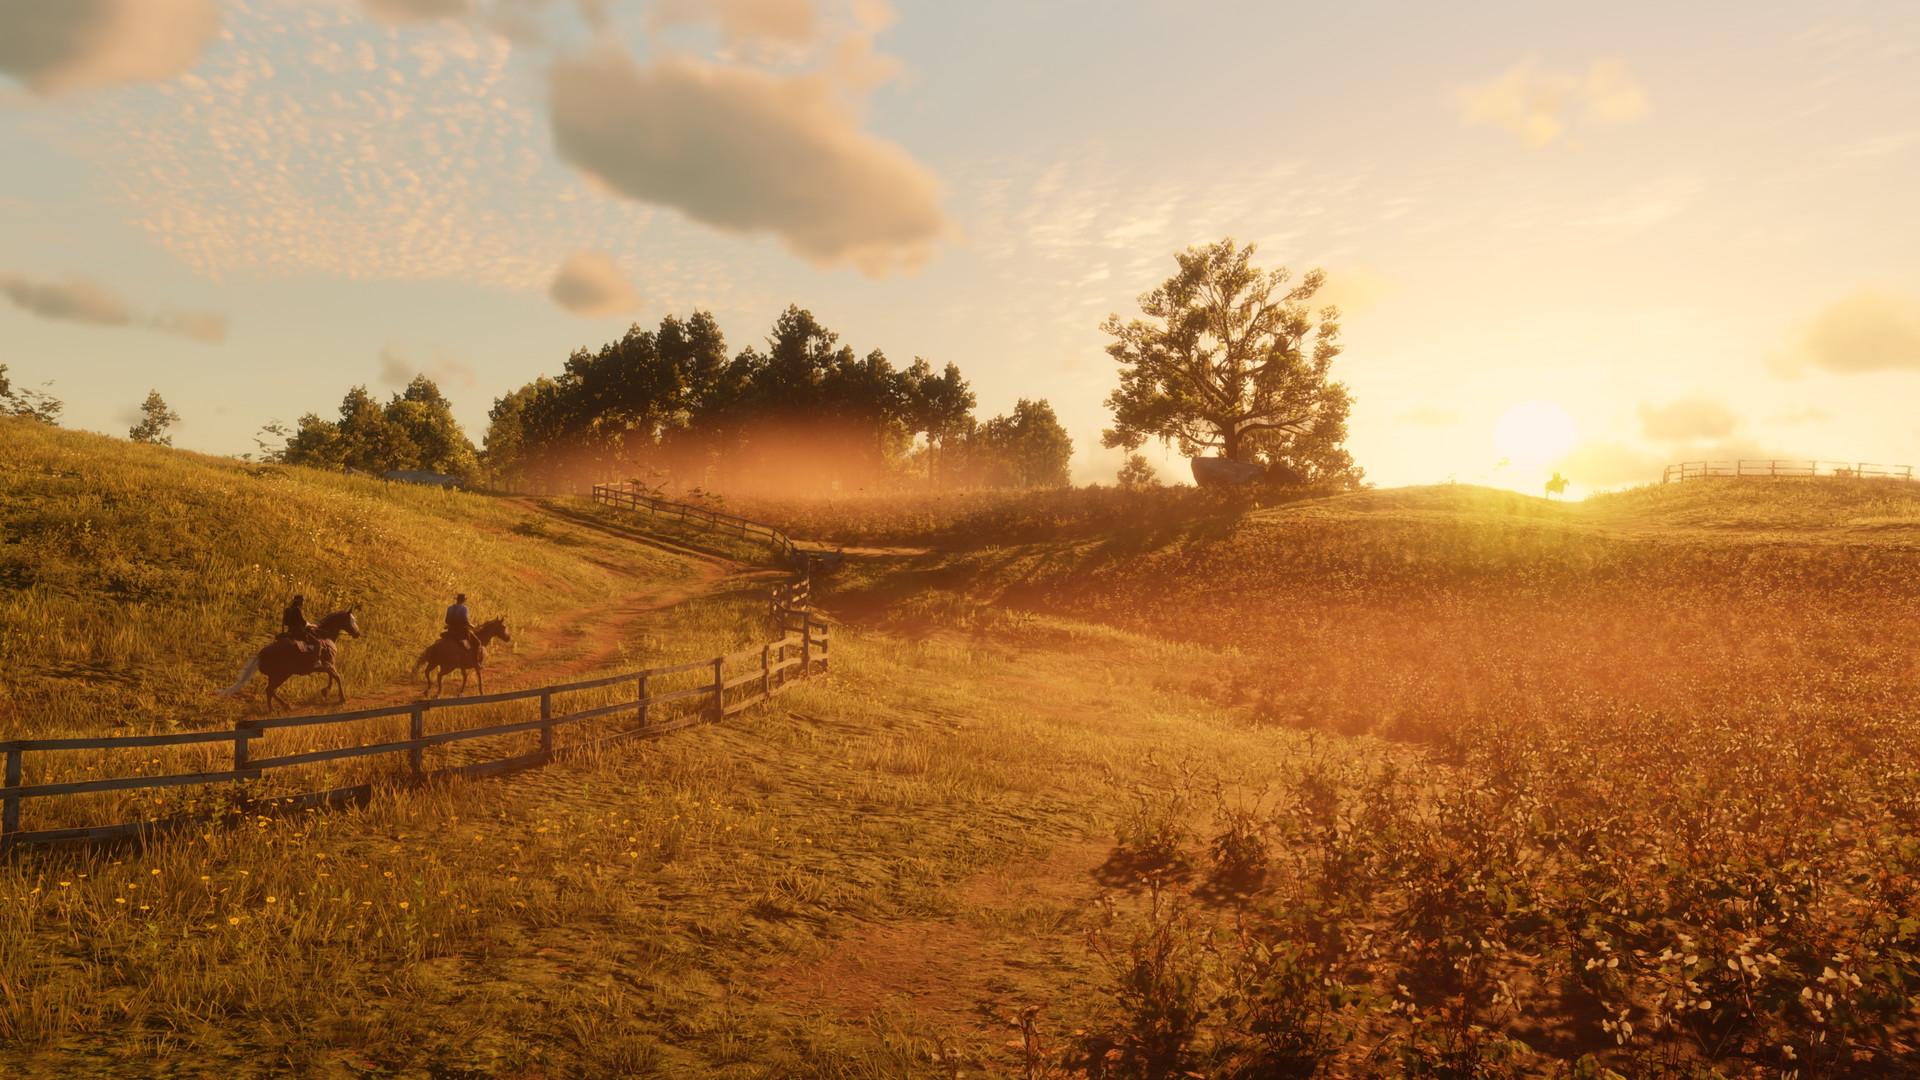 《荒野大镖客2》Steam版预购开启 售价249元快入正